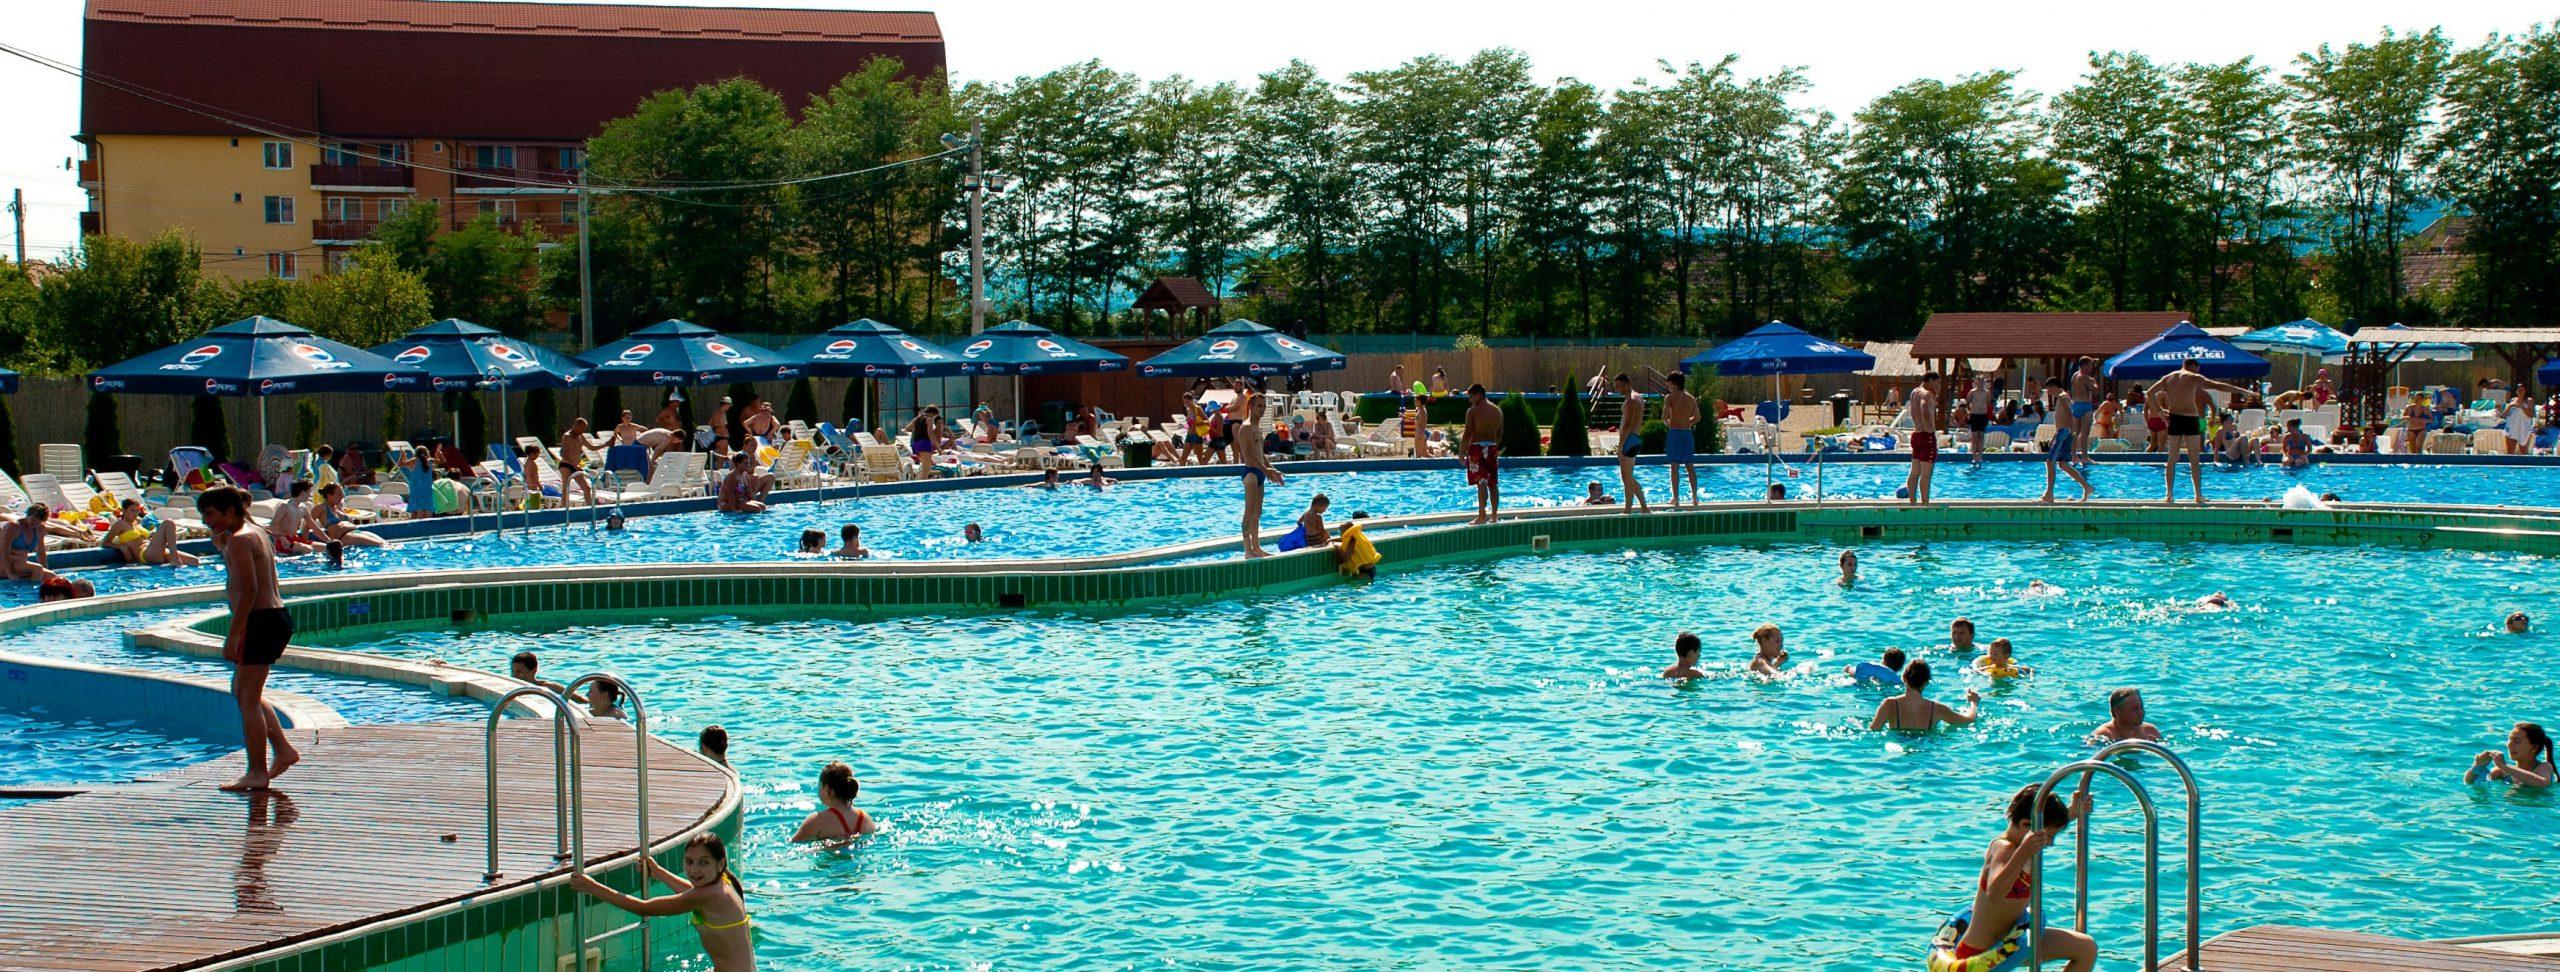 Ştrand Apollo - Sângeorgiu De Mureş - Hotel Apollo Wellness ... tout Taxe Piscine 2017